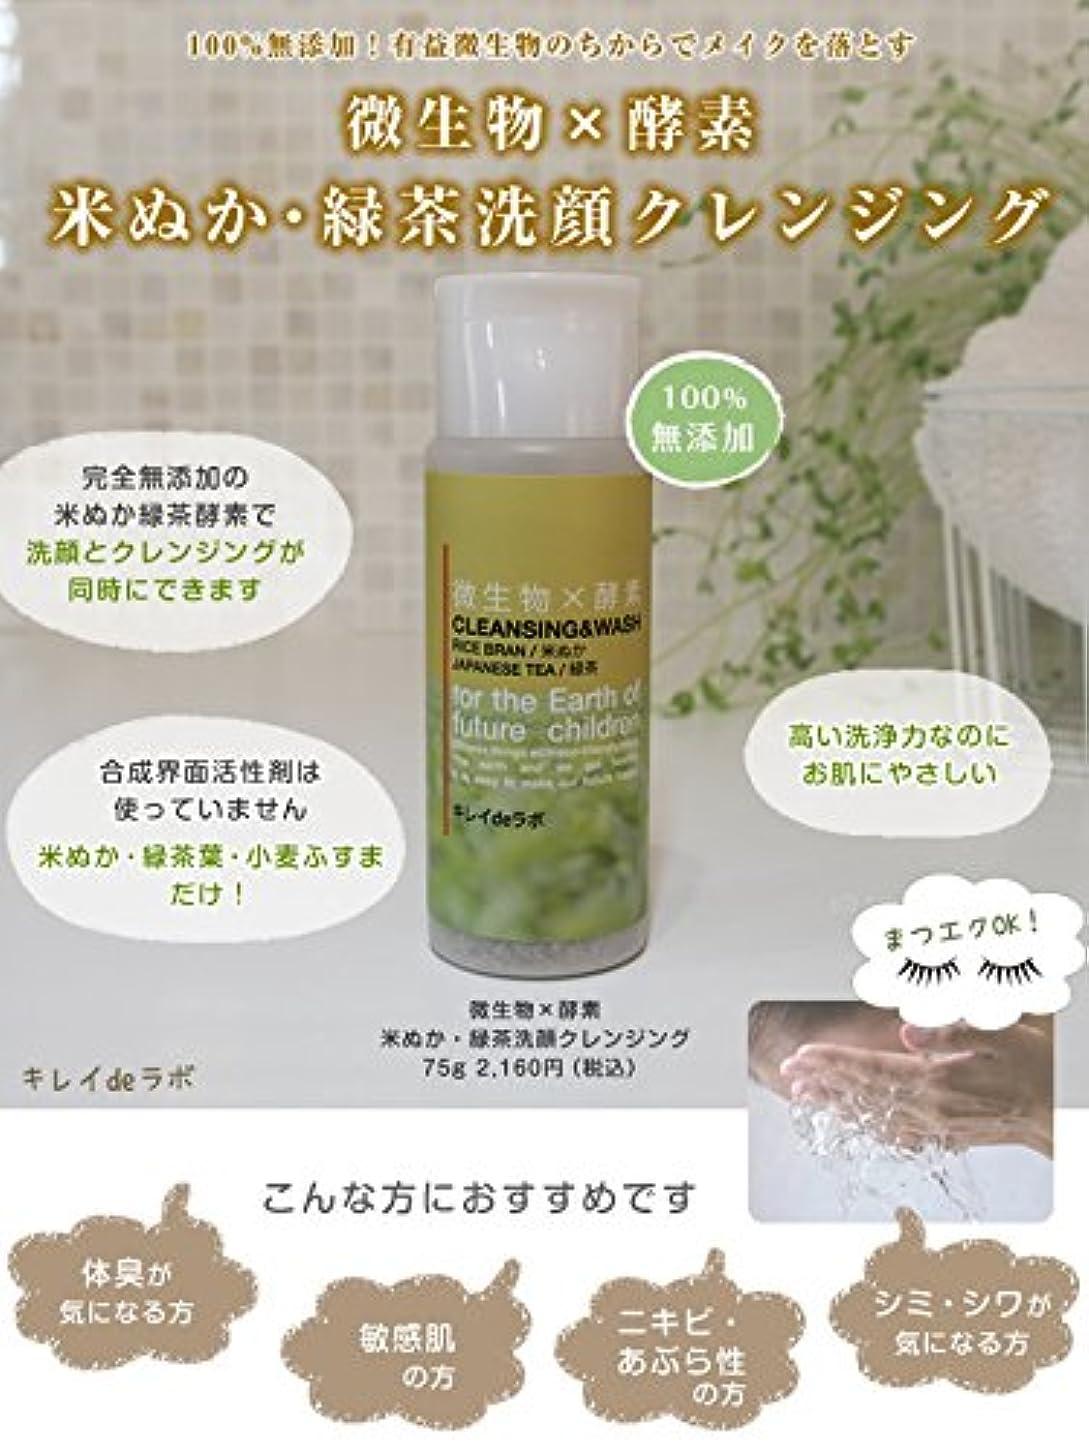 任命する釈義グラマー微生物×酵素 米ぬか緑茶洗顔クレンジング100%無添加 マツエクOK … (本体 75g) みんなでみらいを 米ぬか使用